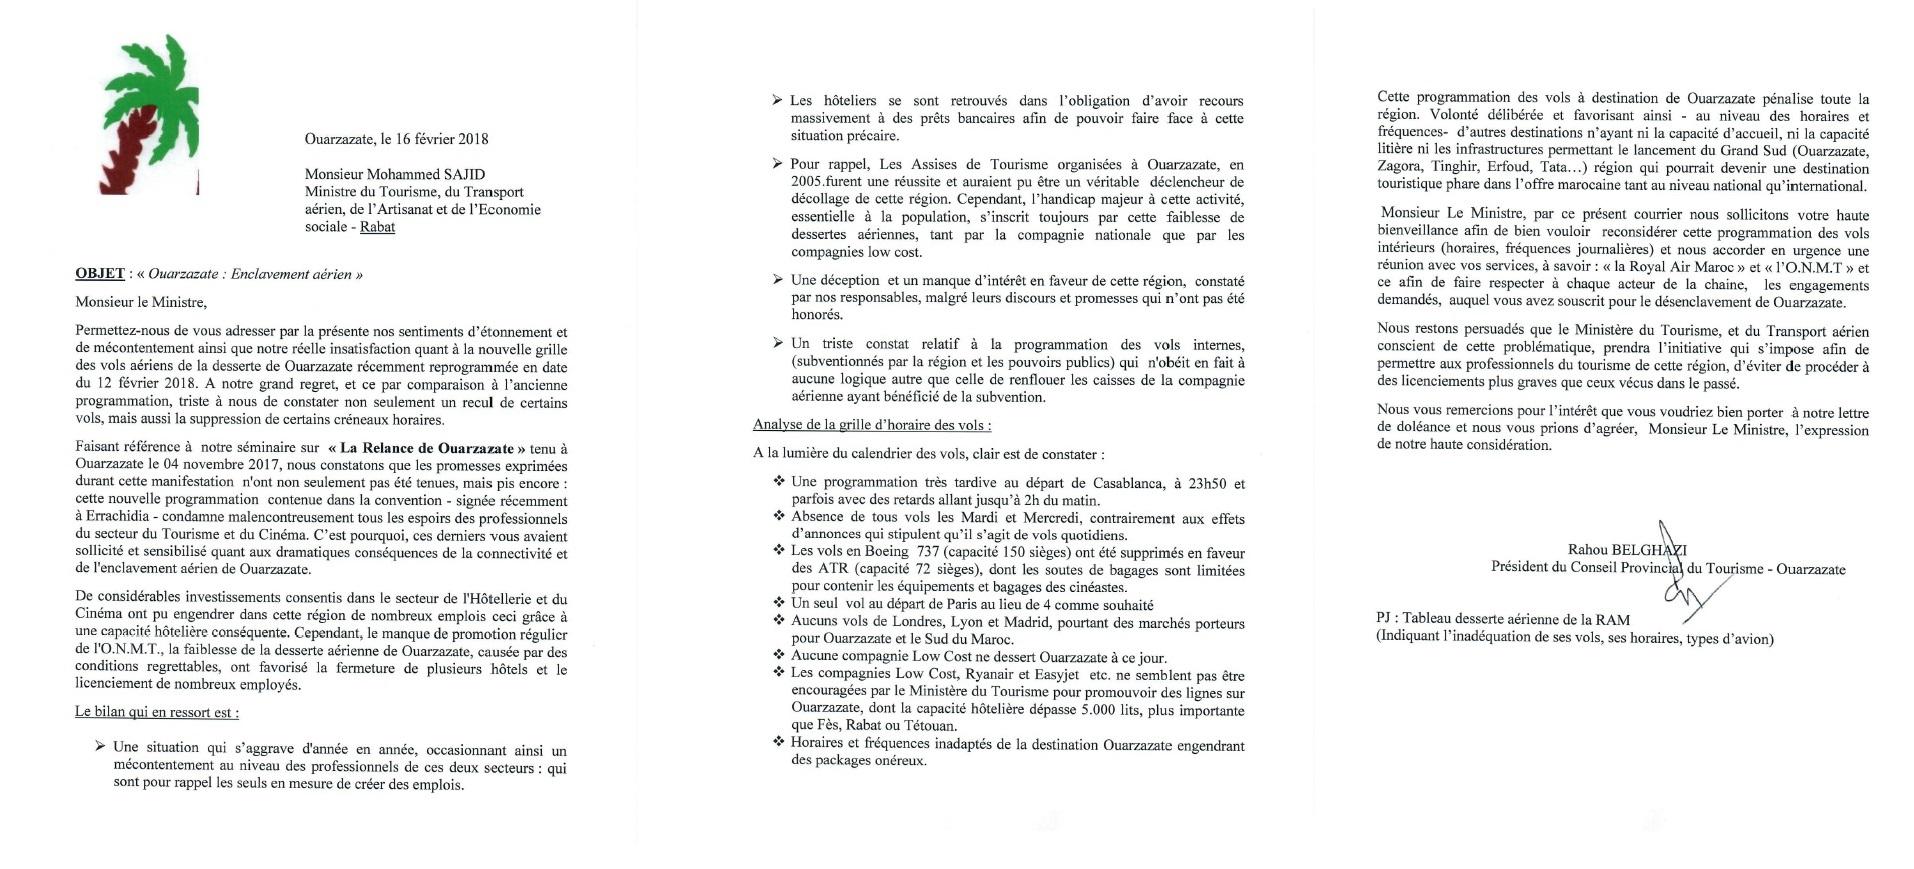 L'intégralité de la lettre - Crédit photo : Conseil Provincial du Tourisme de Ouarzazate